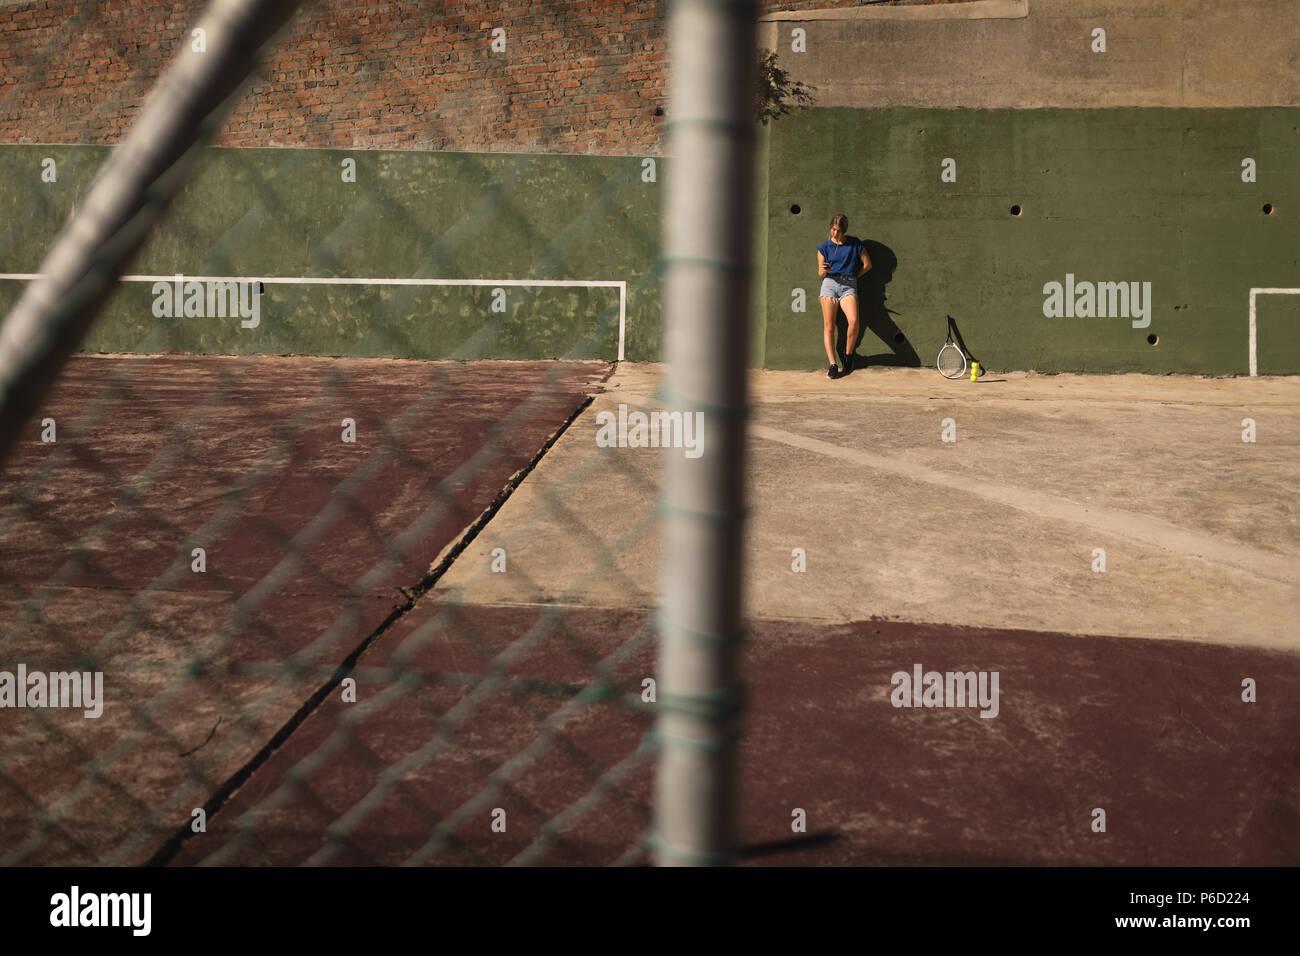 Woman leaning against wall dans la cour de tennis Banque D'Images